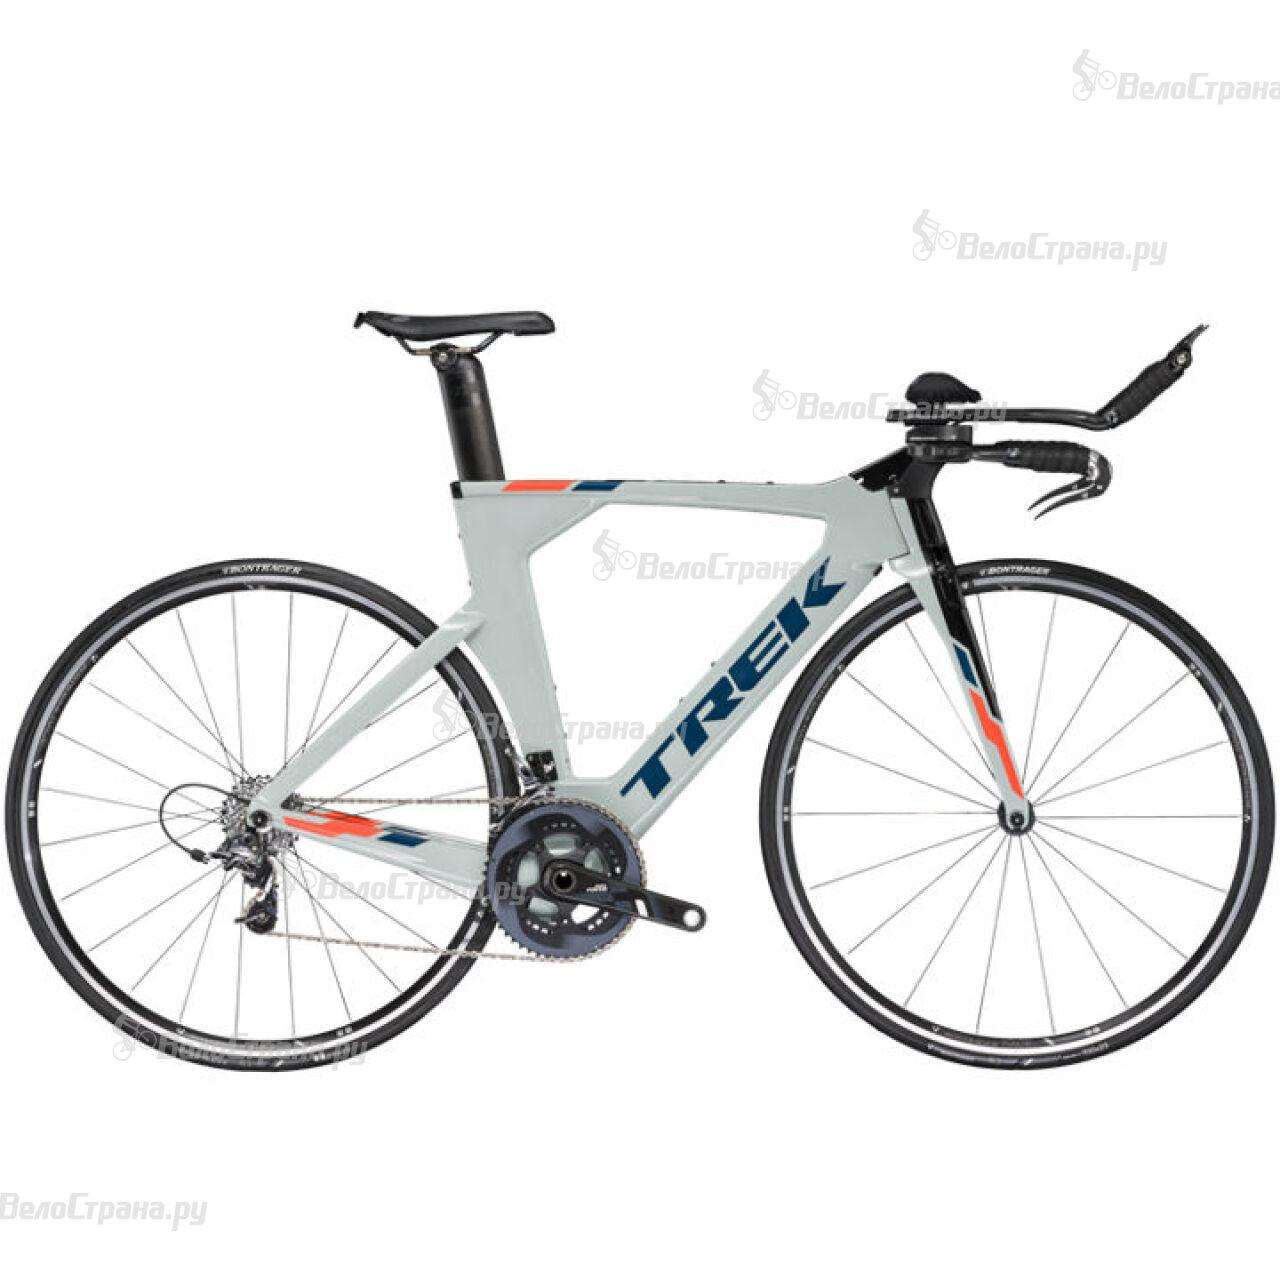 Велосипед Trek Speed Concept 7.5 (2017)